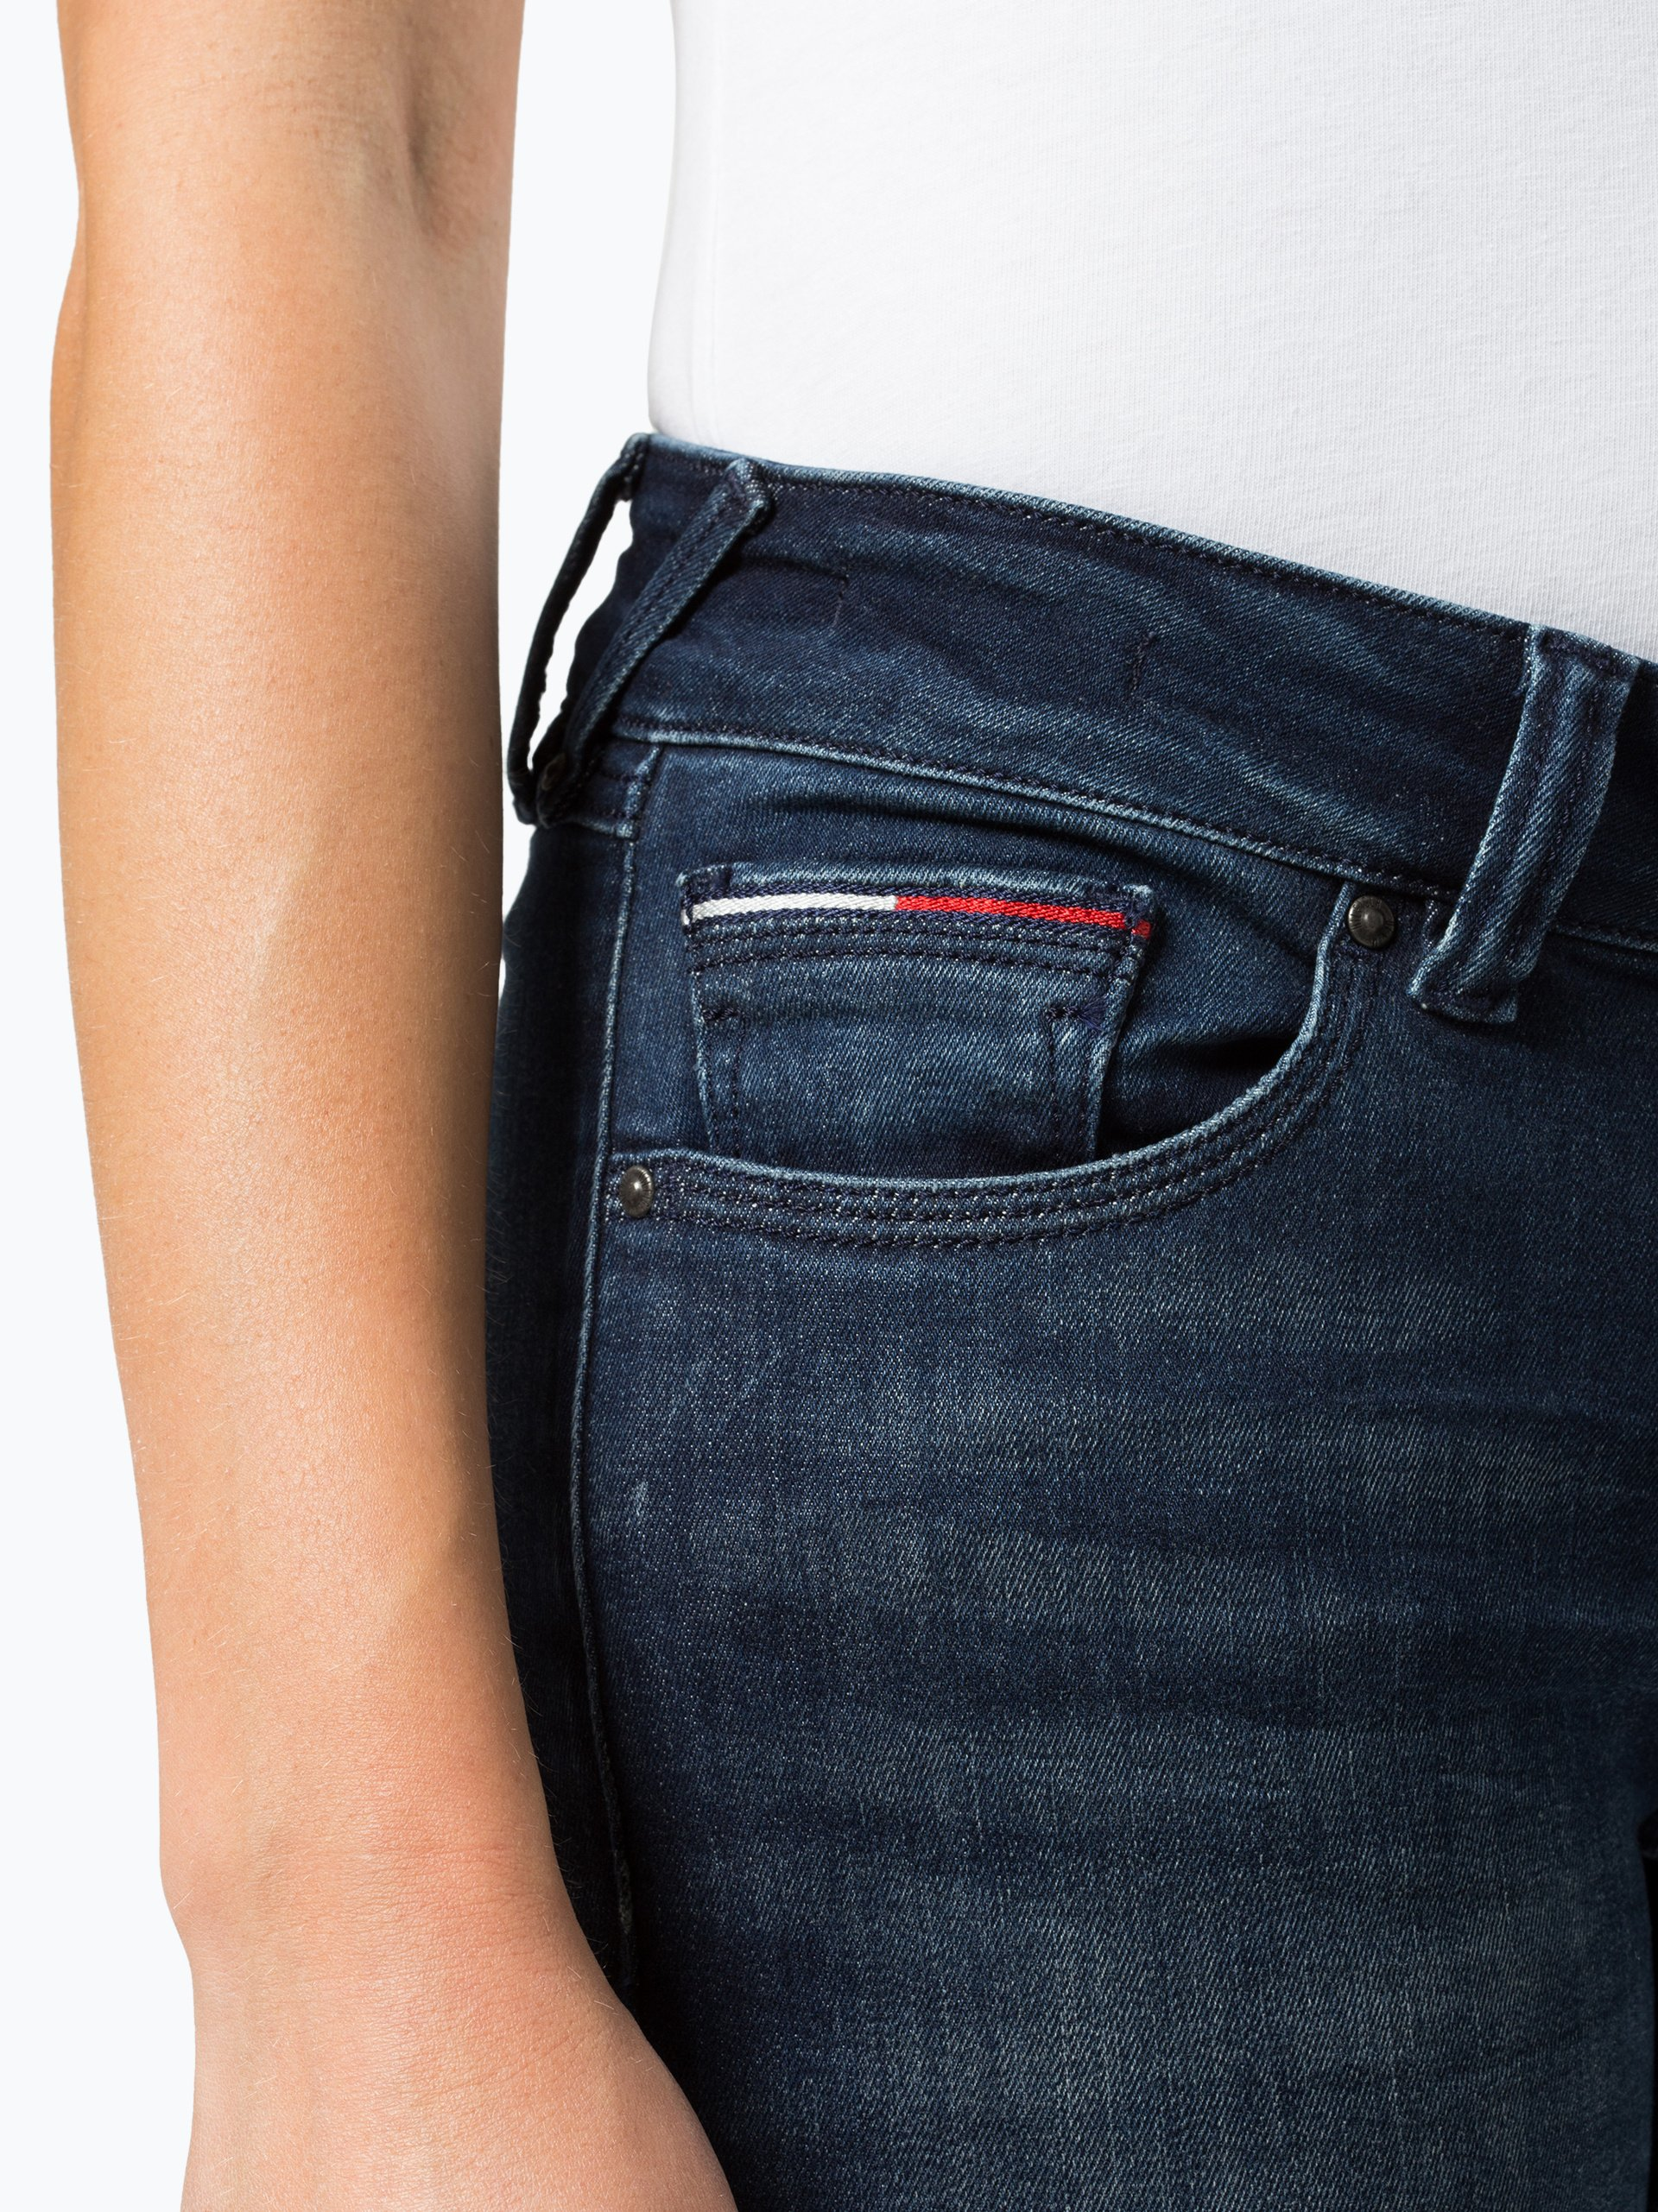 tommy jeans damen jeans sophie marine uni online kaufen. Black Bedroom Furniture Sets. Home Design Ideas